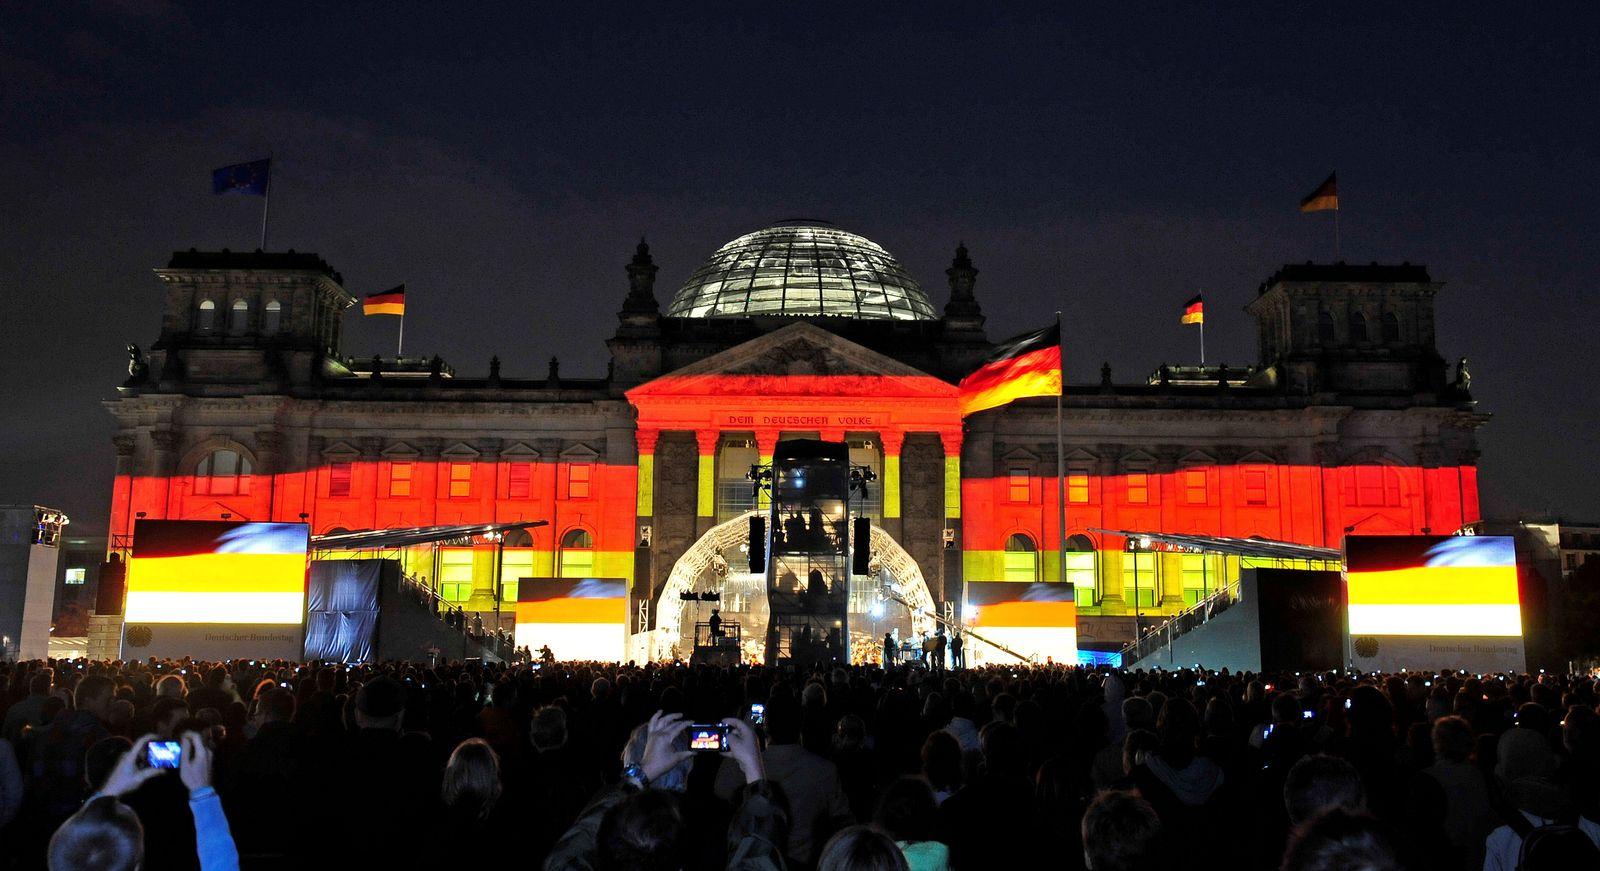 NICHT VERWENDEN Tag der deutschen Einheit / Reichstag